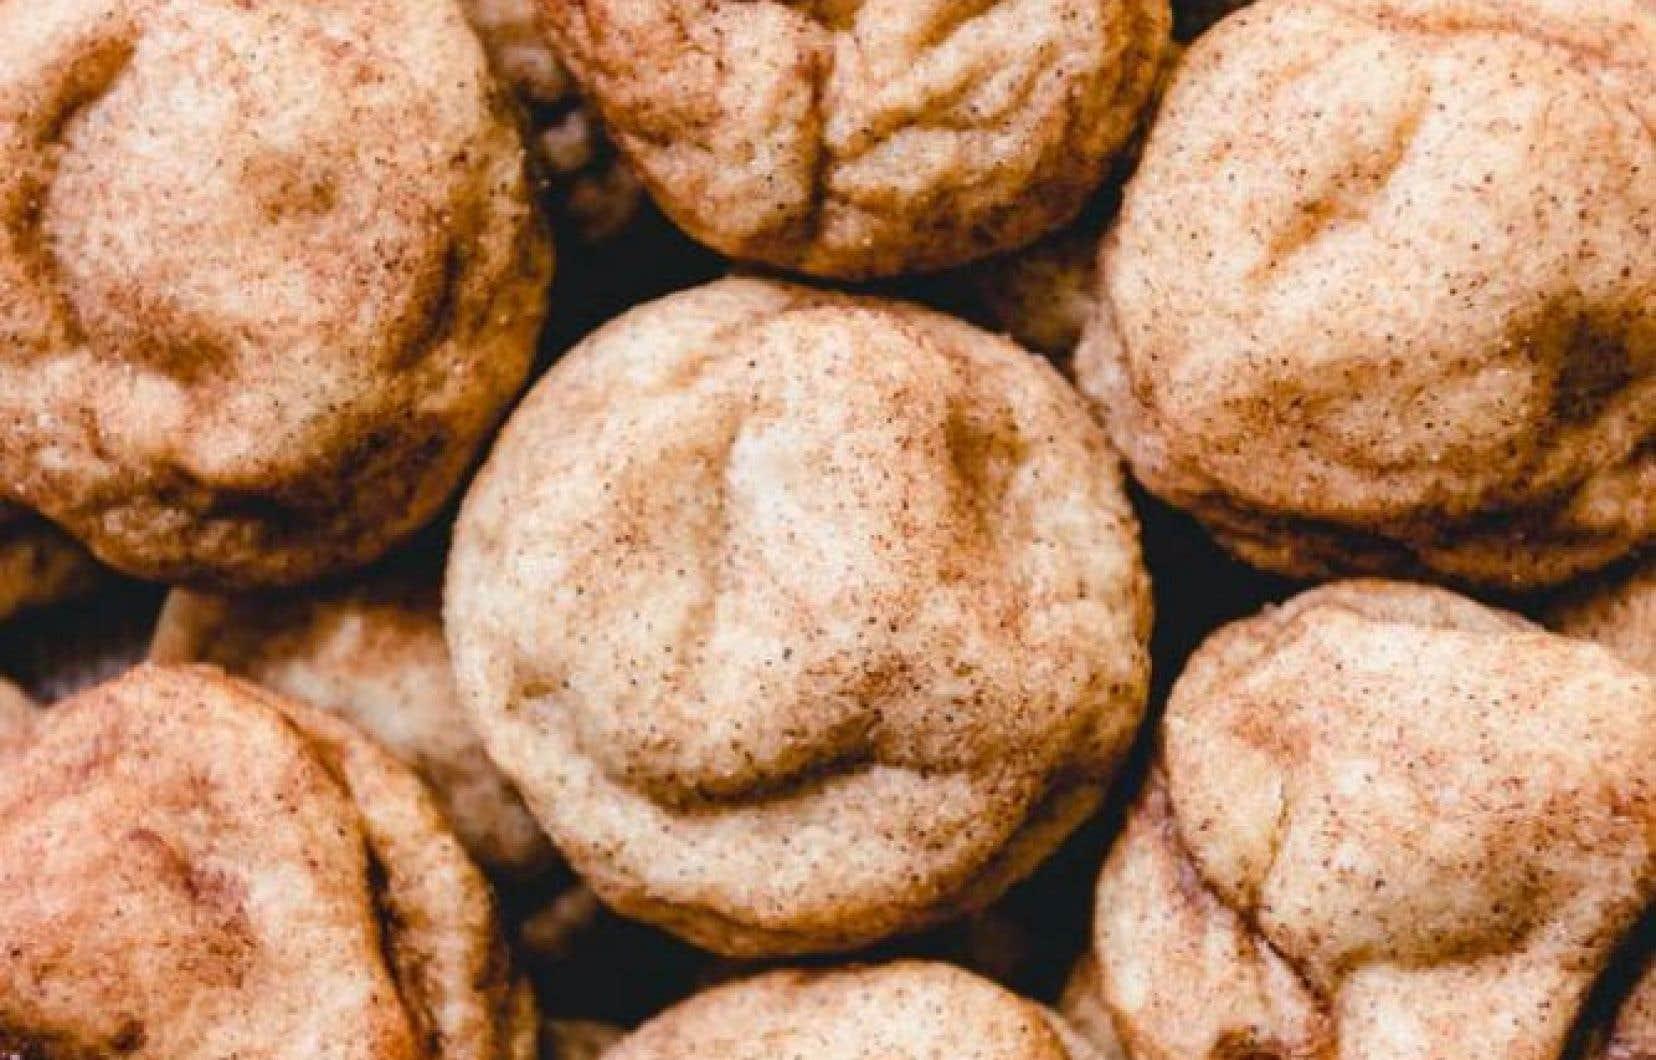 Cuire les biscuits une fois surgelés sur une plaque à biscuits tapissée de papier parchemin à 350 °F pour environ 15 minutes.